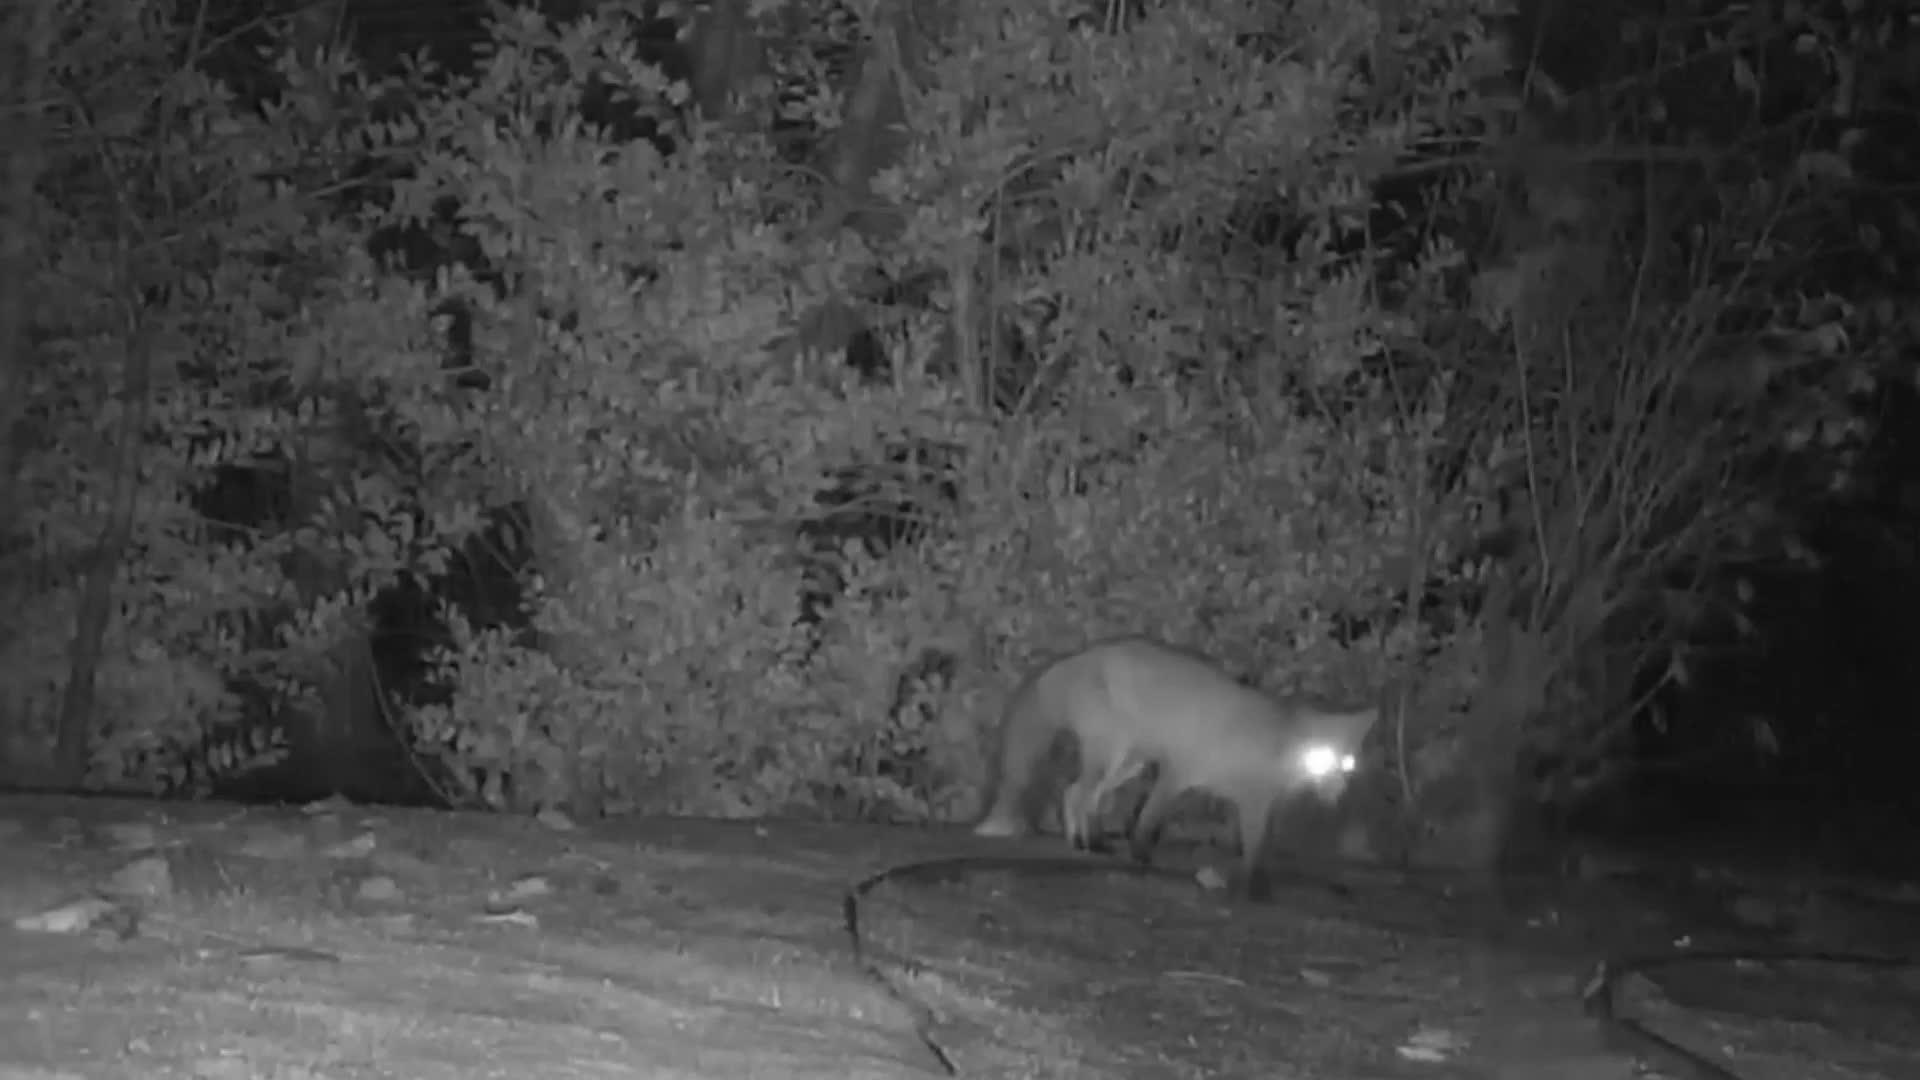 ¿Alguna vez te has preguntado qué hacen los zorros y los tejones en la oscuridad? La respuesta es adorable.